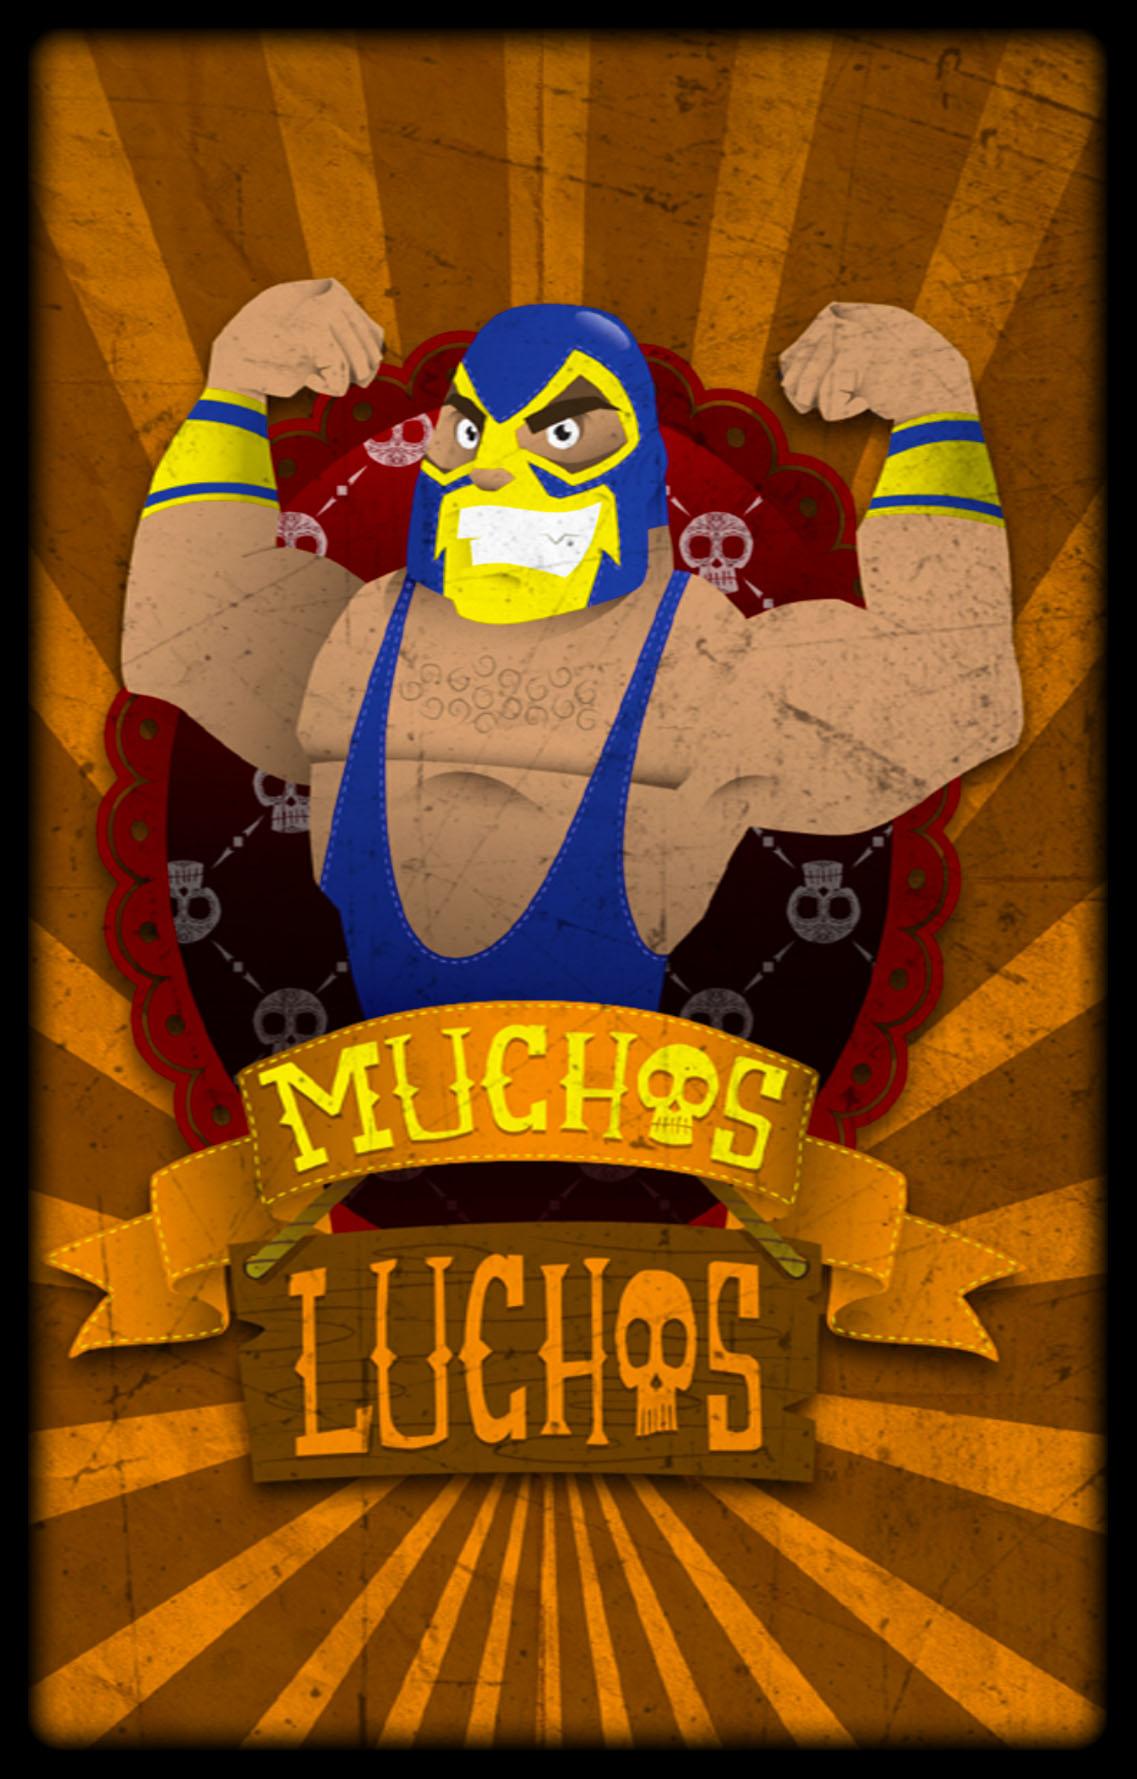 Muchos Luchos